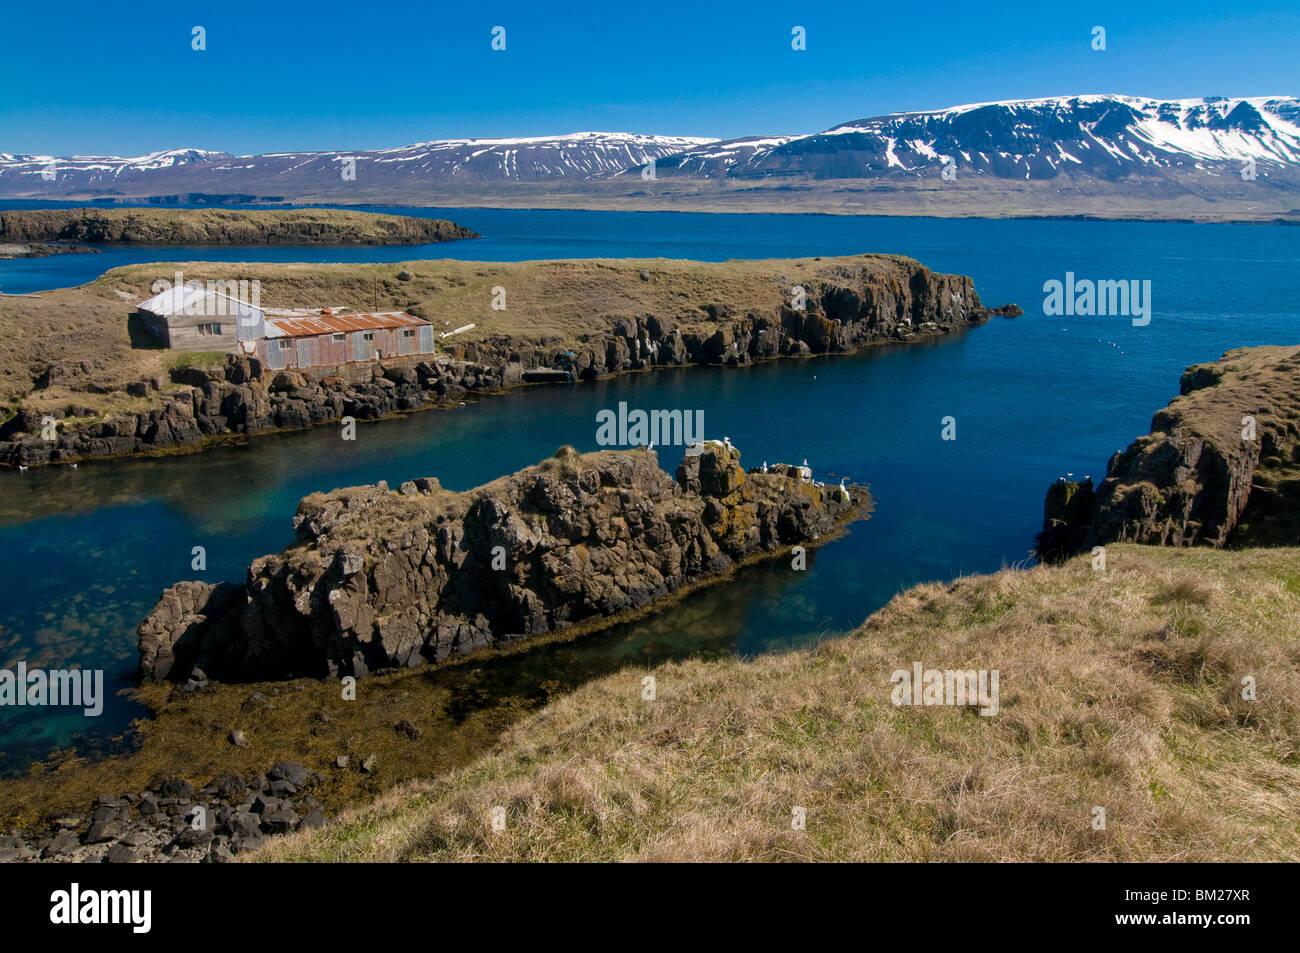 Fjord typique paysage sur l'autre, Vopnafjordur, Islande, régions polaires Photo Stock